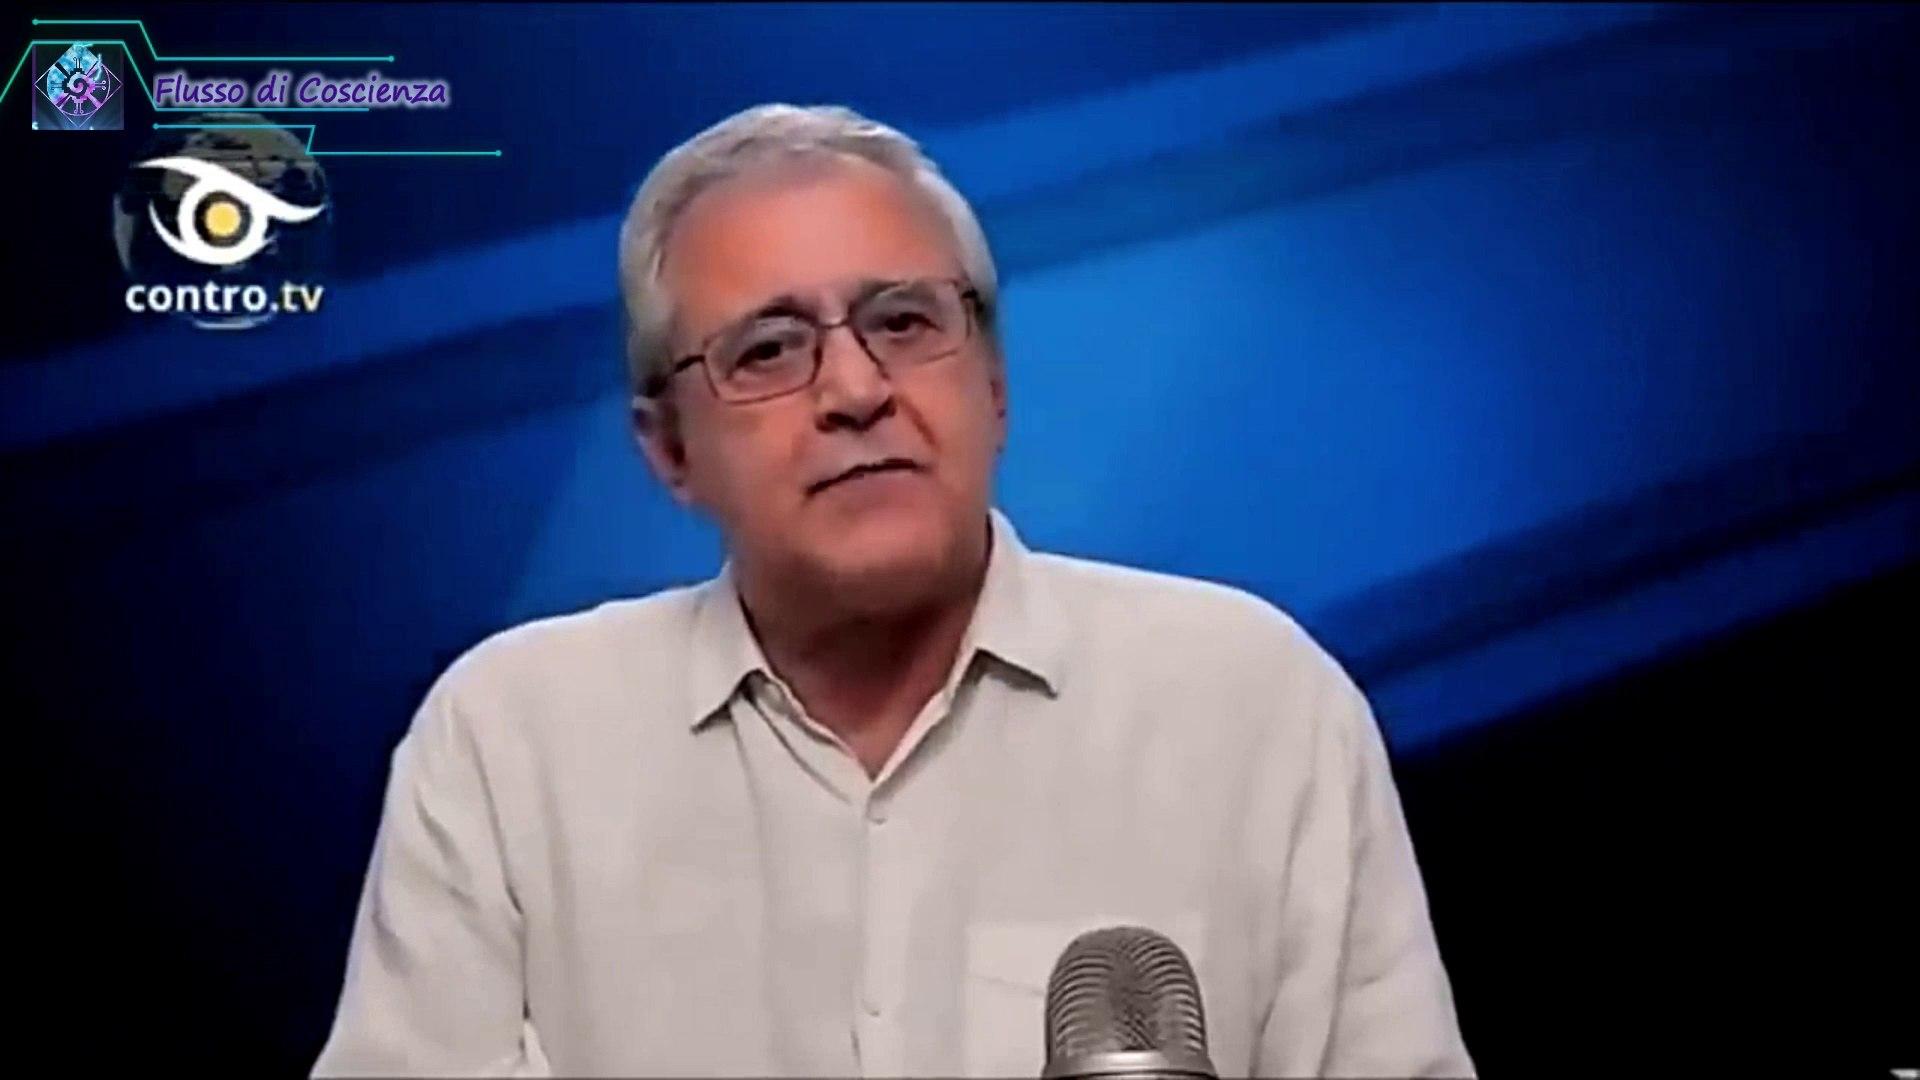 La Verità ci rende Liberi - Massimo Mazzucco